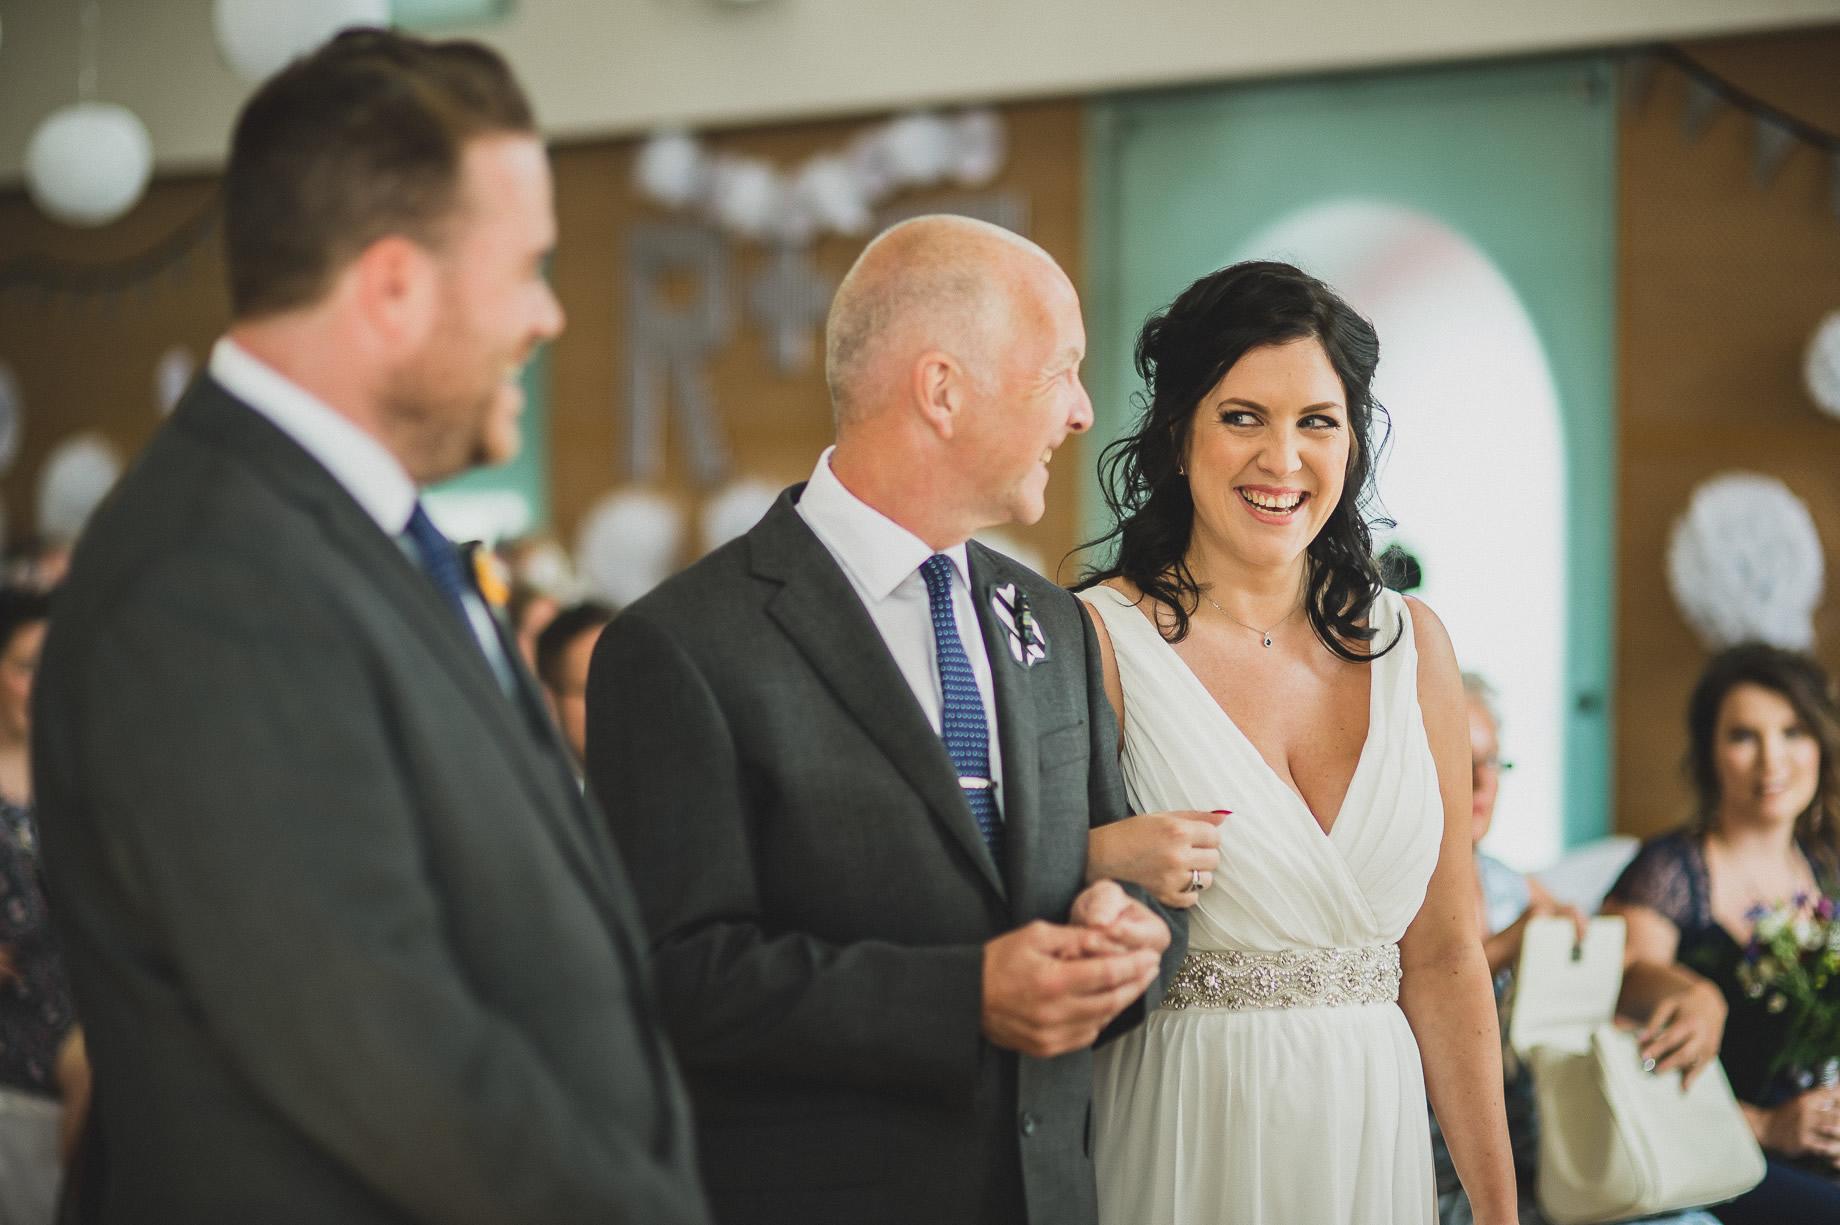 Becky and John's Wedding at Slaidburn Village Hall 078